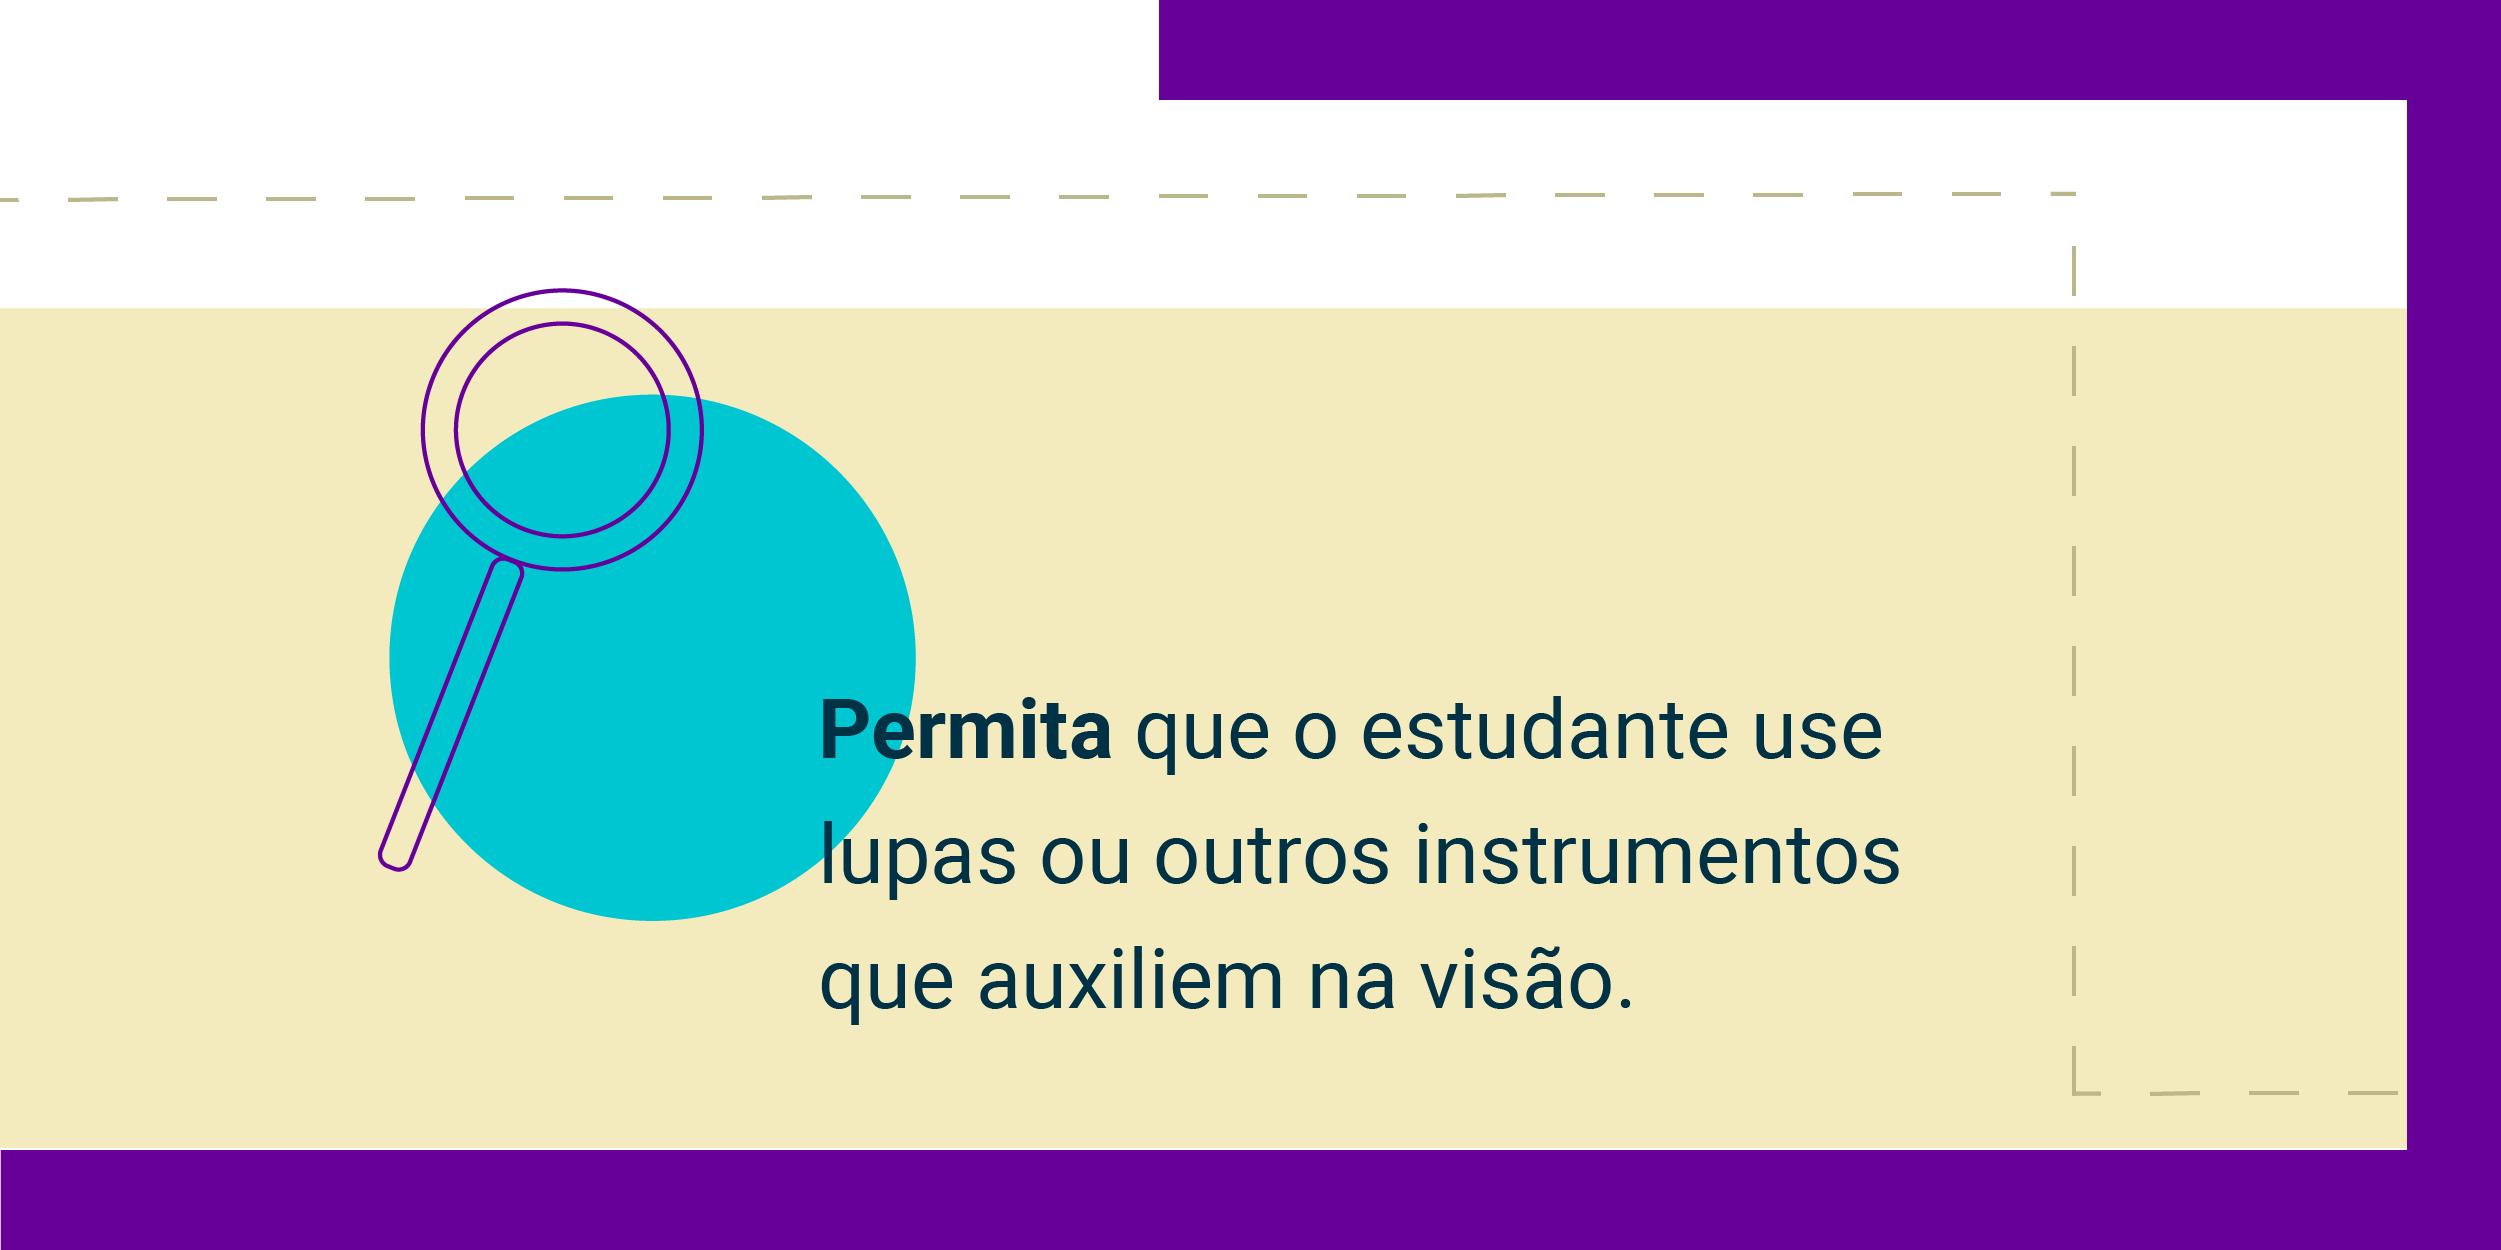 Imagem com a frase Permita que o estudante use lupas ou outros instrumentos que auxiliem na visão.